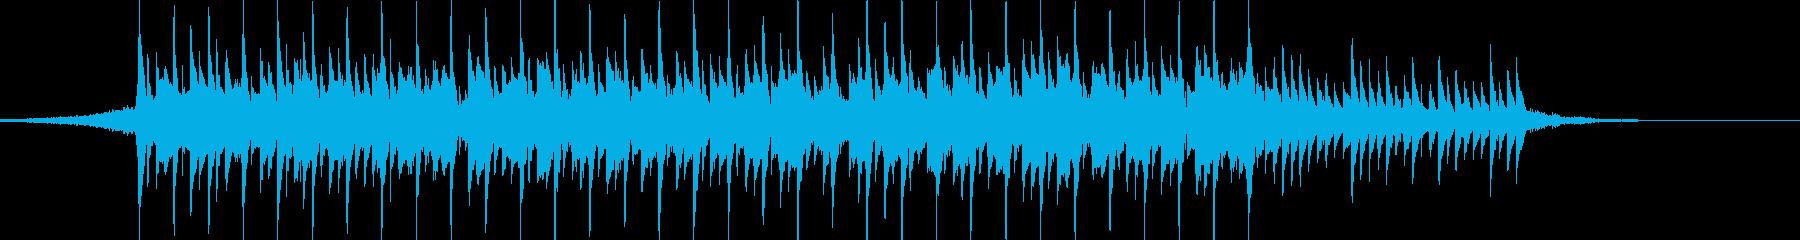 企業VP系66、シンプル、シンセ、爽快cの再生済みの波形